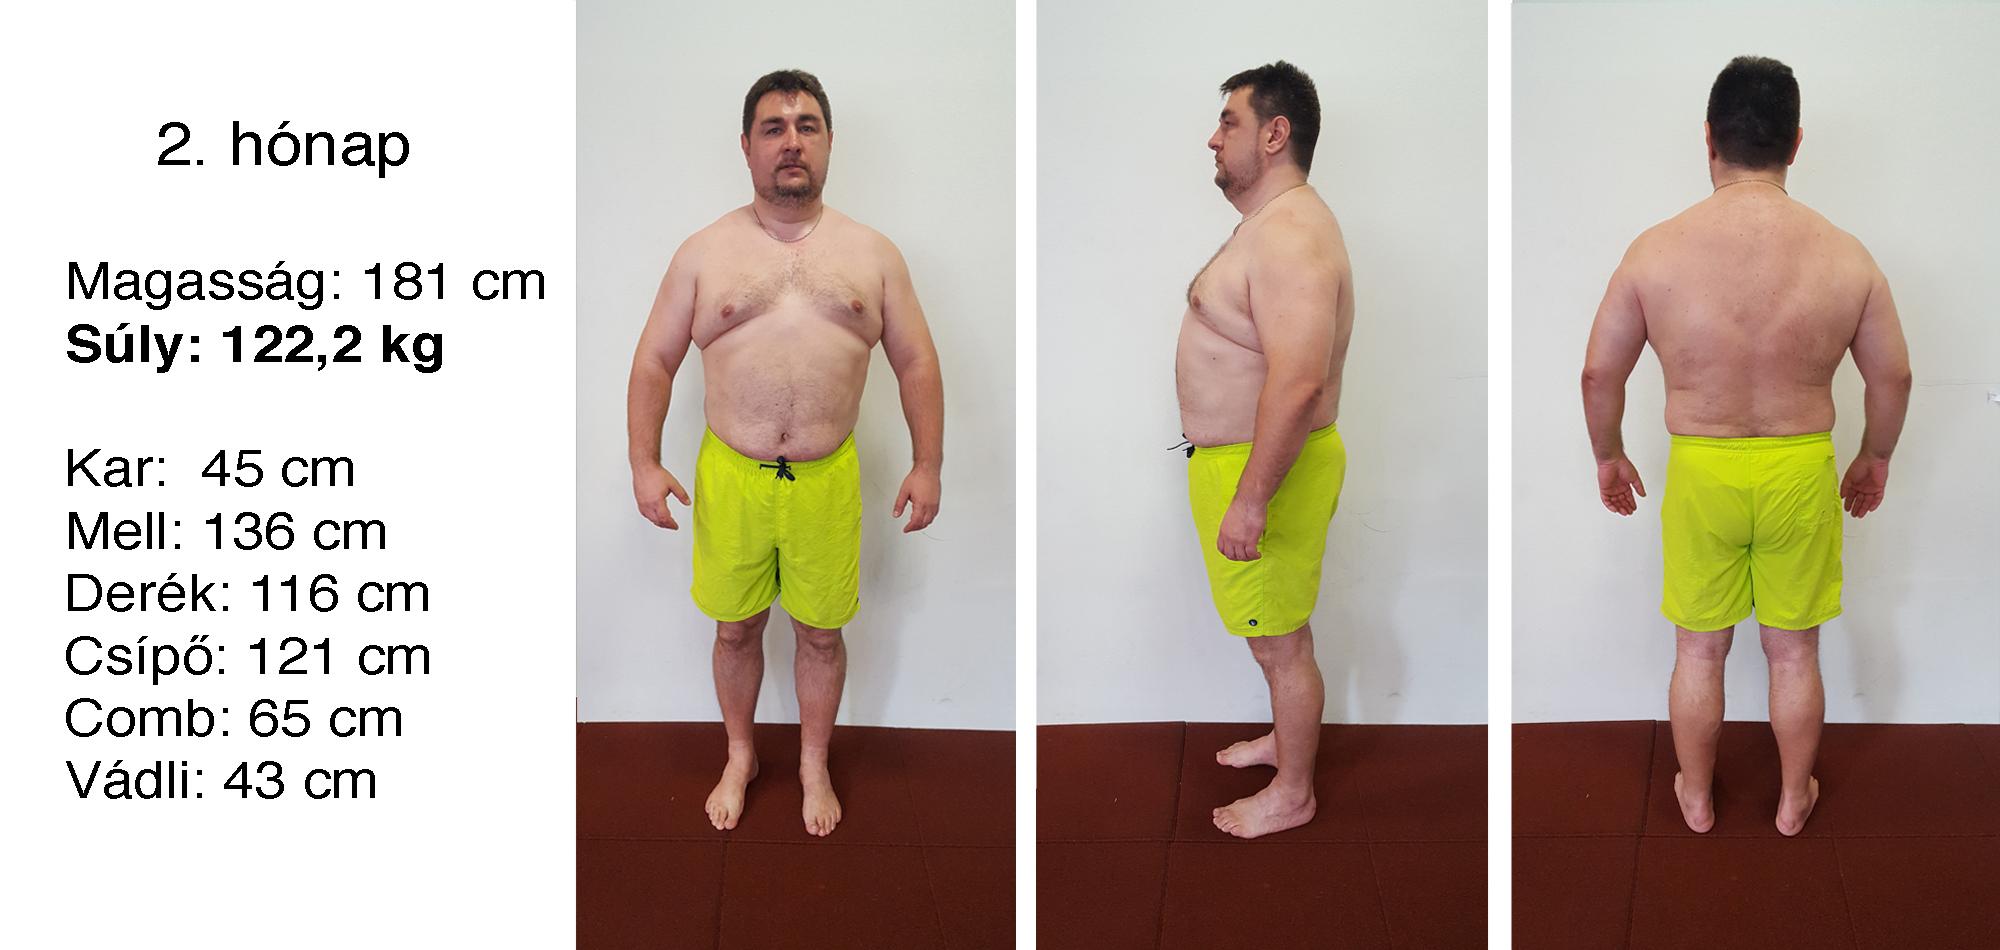 5 hónap után nincs fogyás